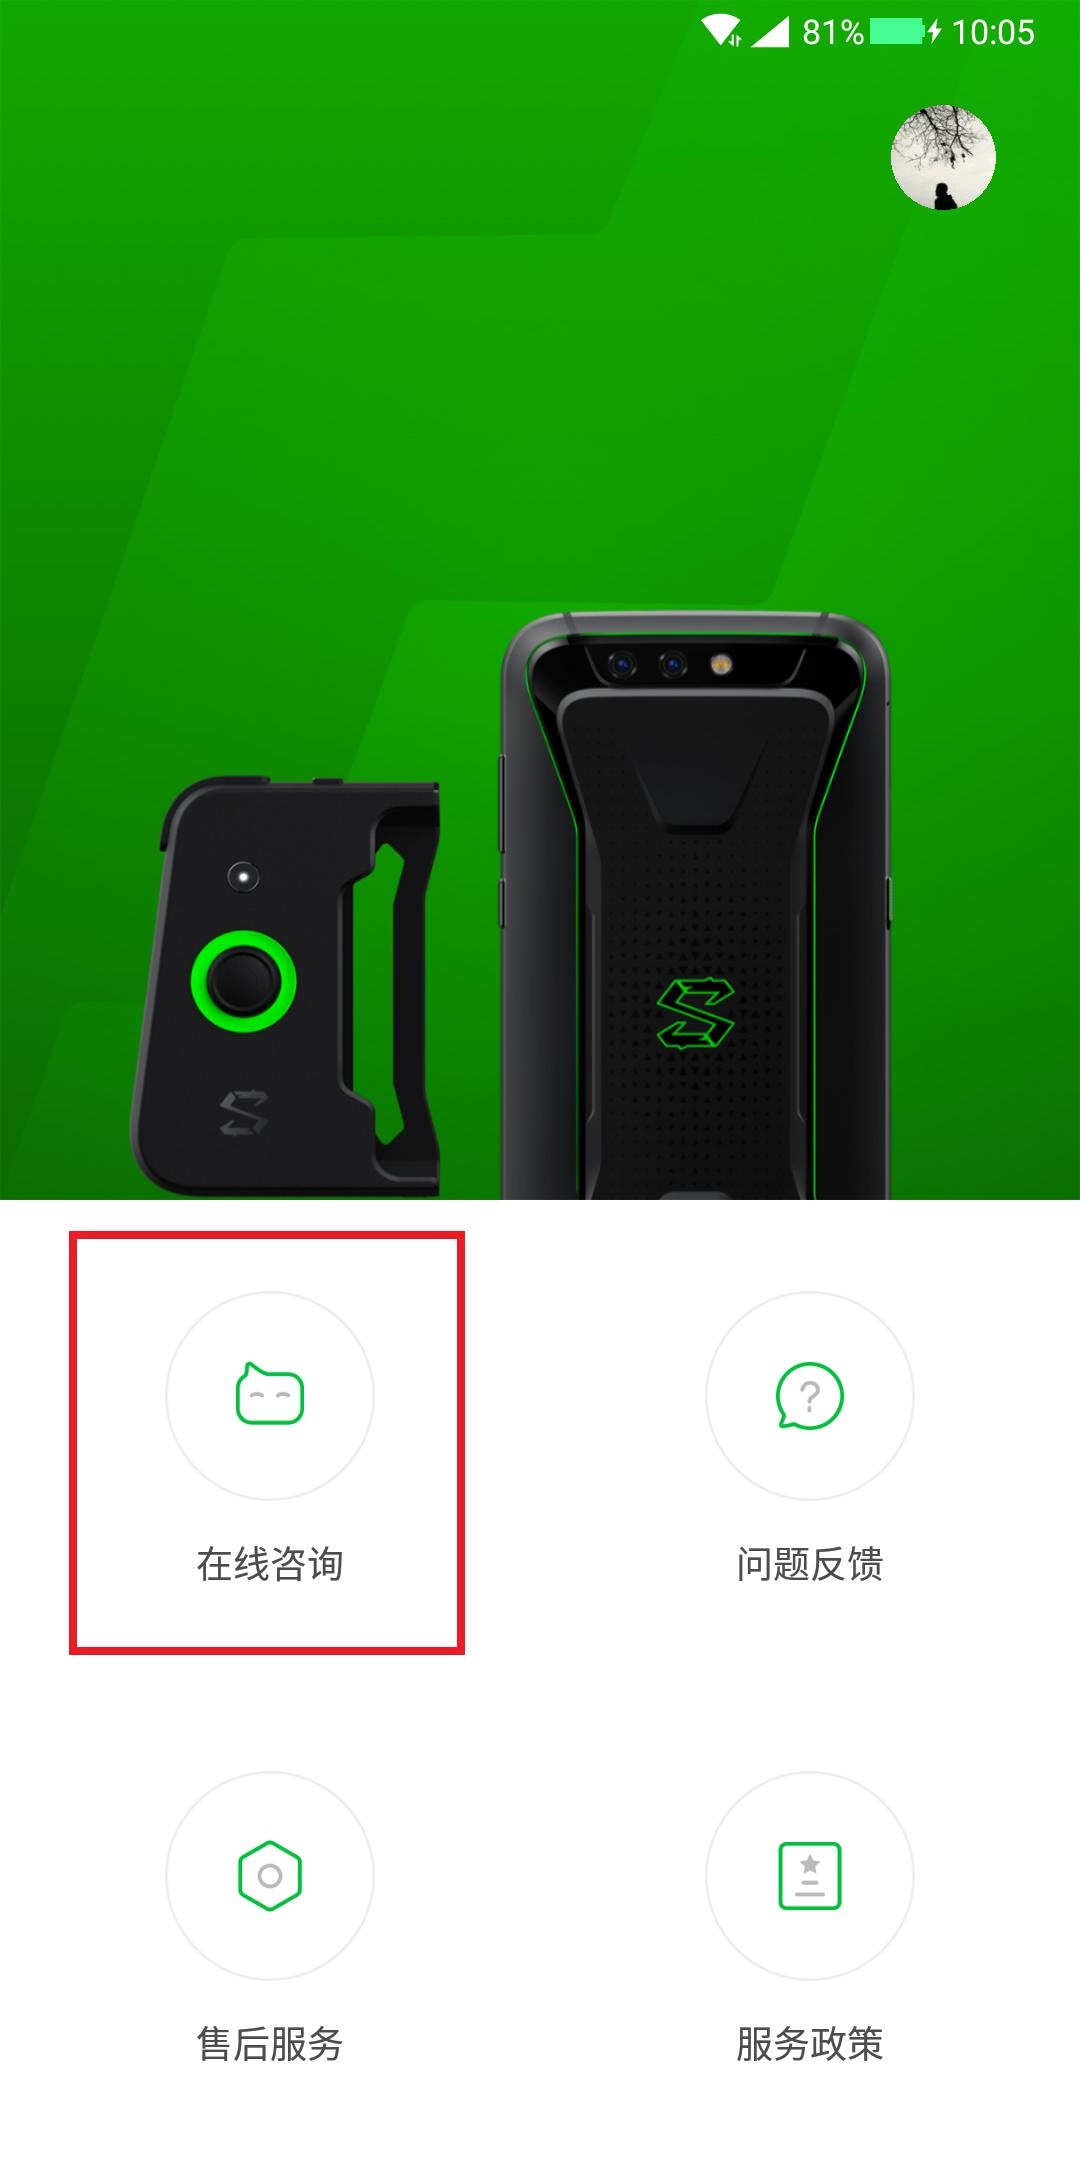 手机服务App新版界面.png